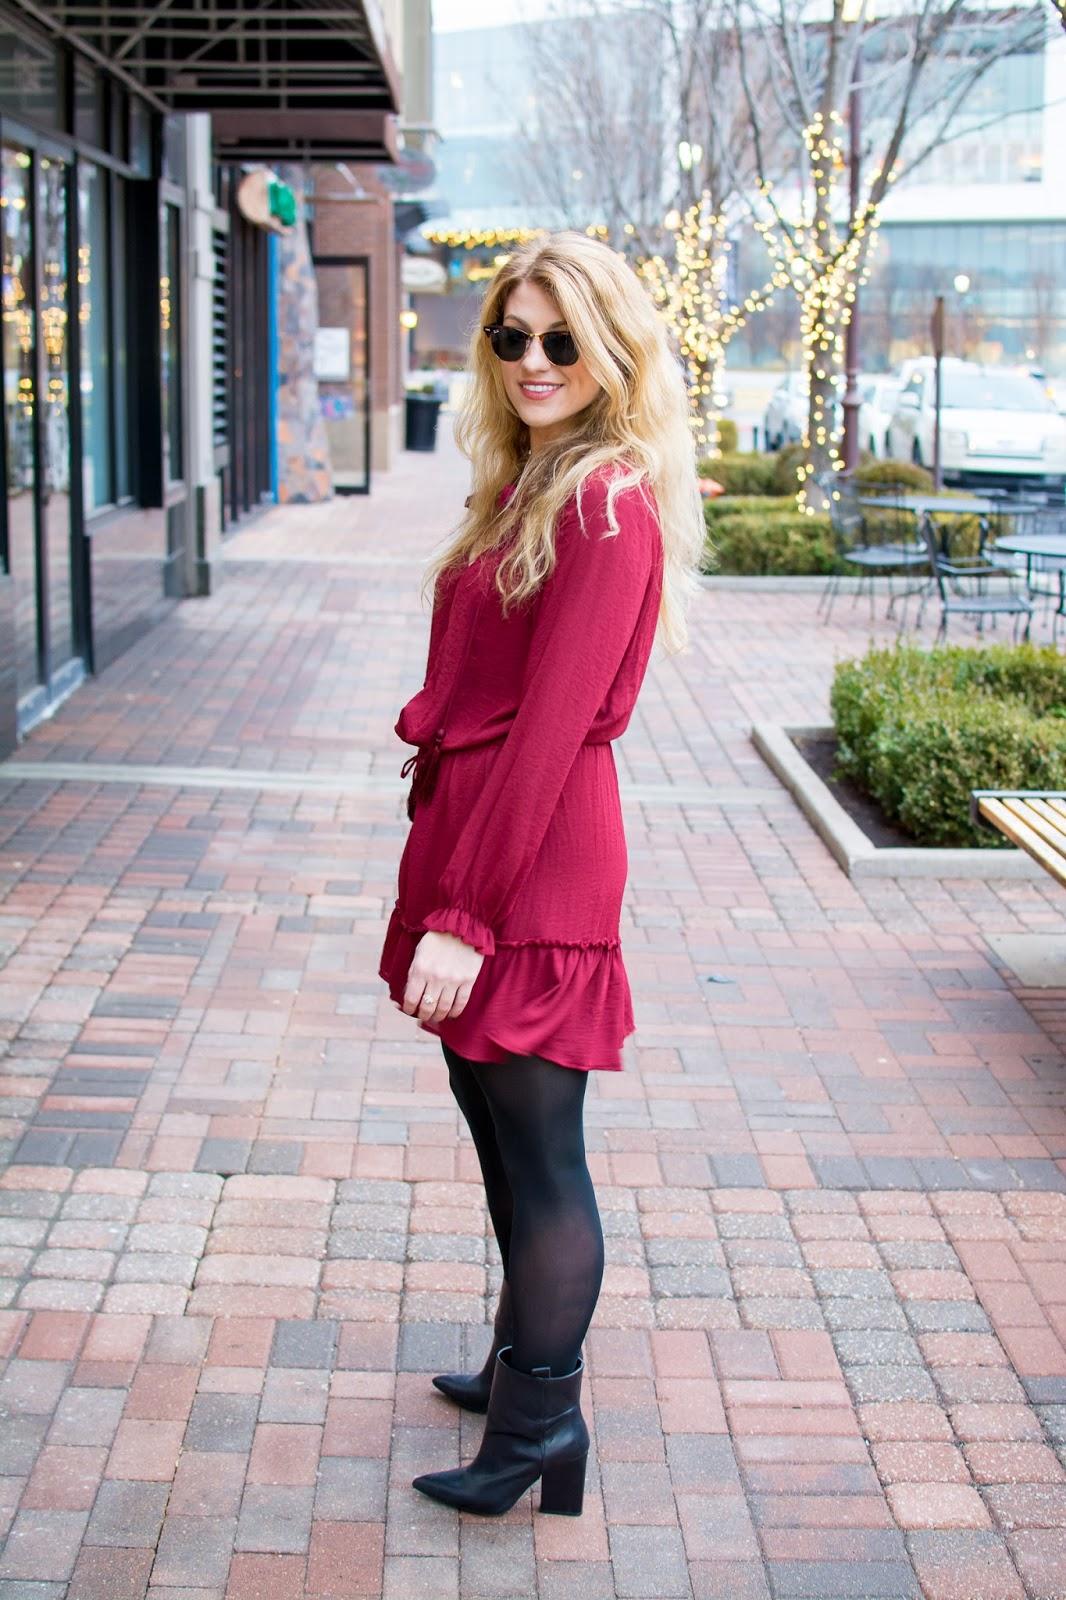 Street style legwear looks susext.blogspot.co.uk